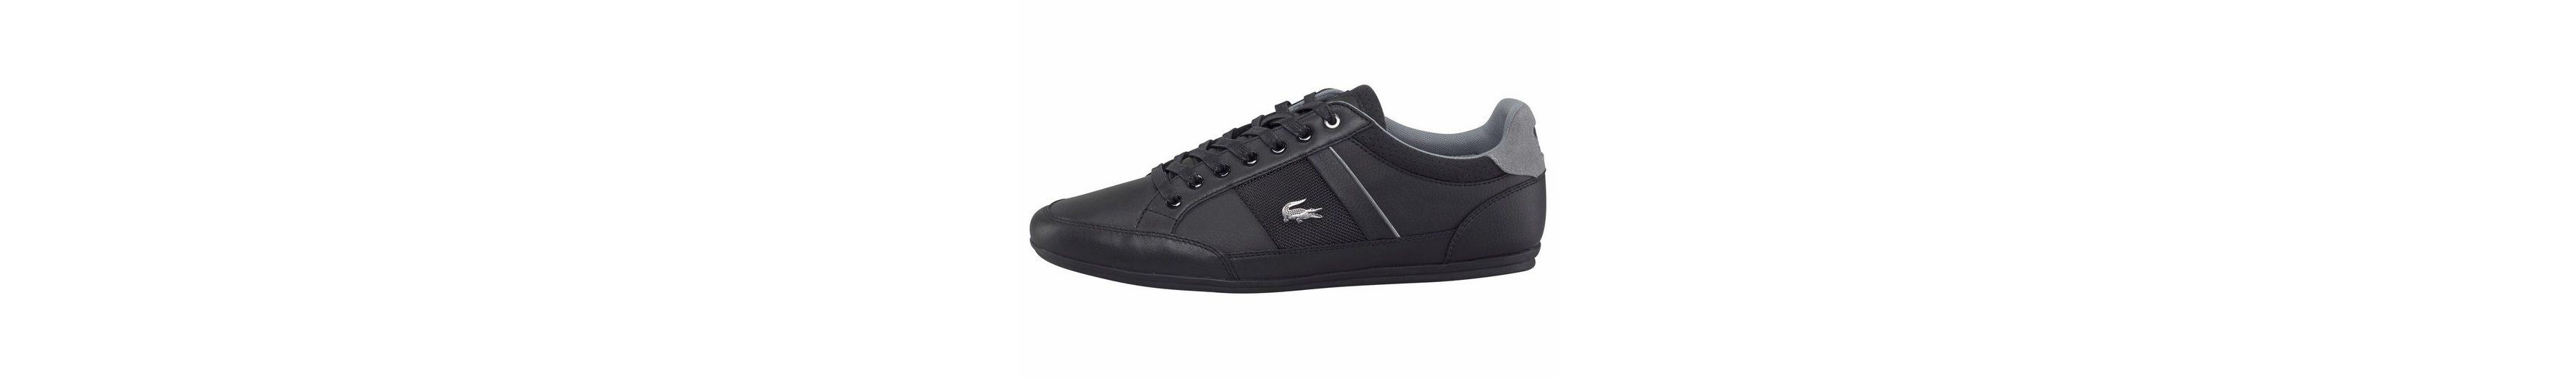 Verkauf Amazon Lacoste Chaymon 317 2 CAM Sneaker Limitierte Auflage Online-Verkauf MJFJ5M